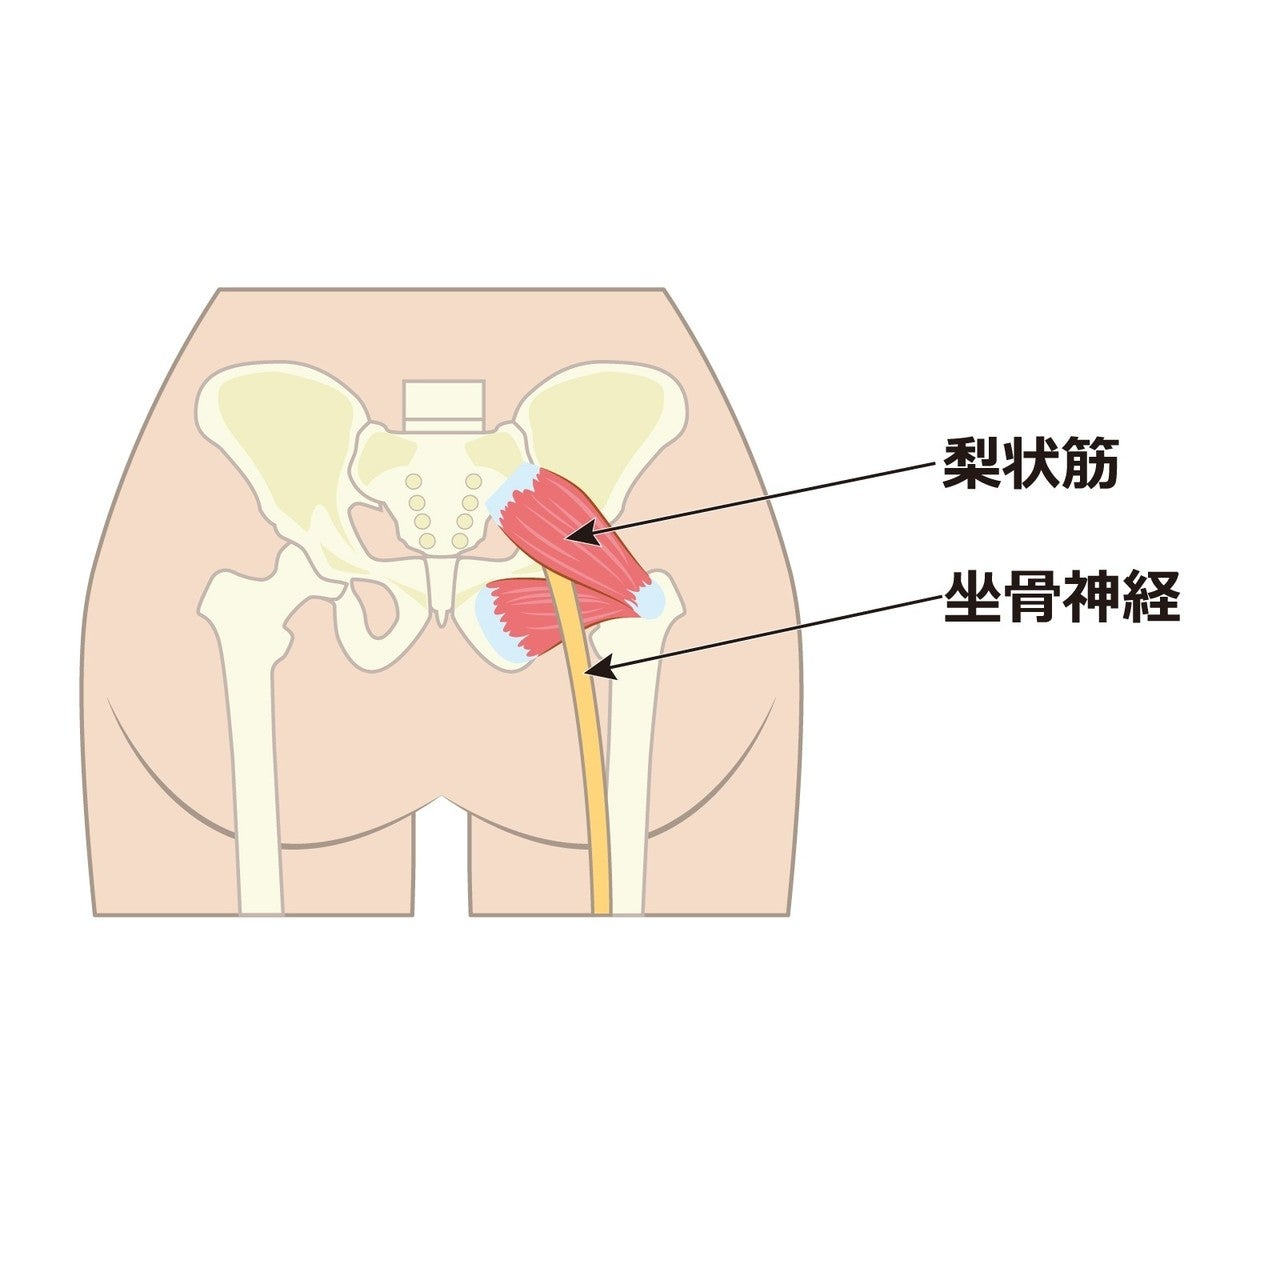 坐骨神経痛と梨状筋|海老名ずずらん整体院|note